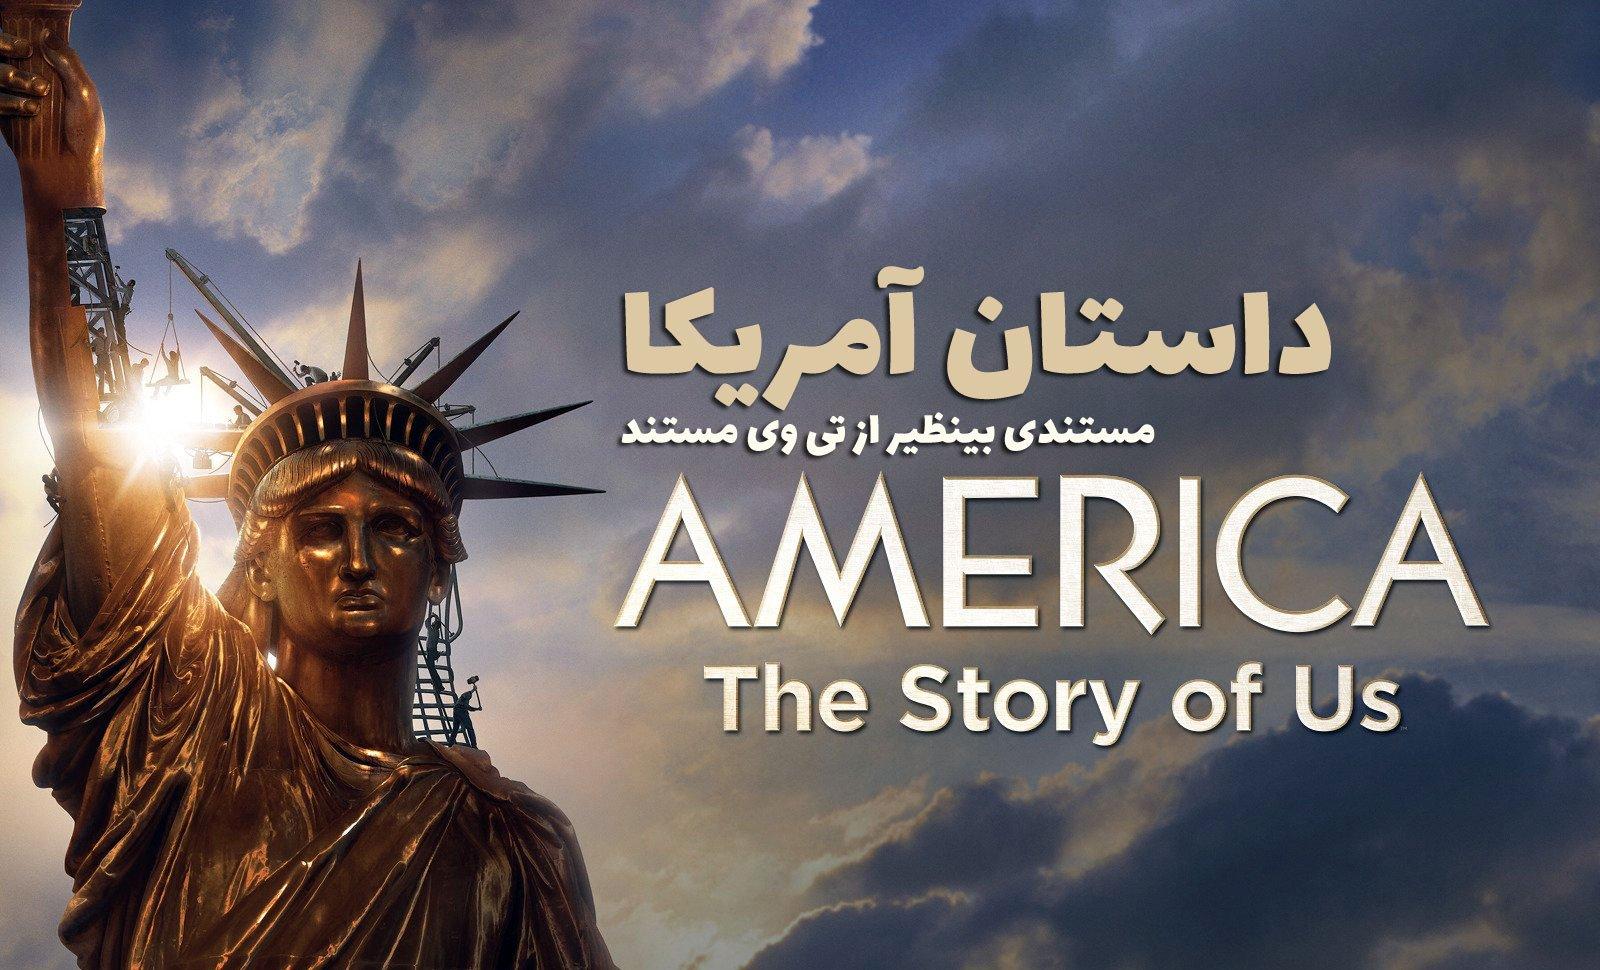 مستند تاریخ آمریکا به زبان ساده